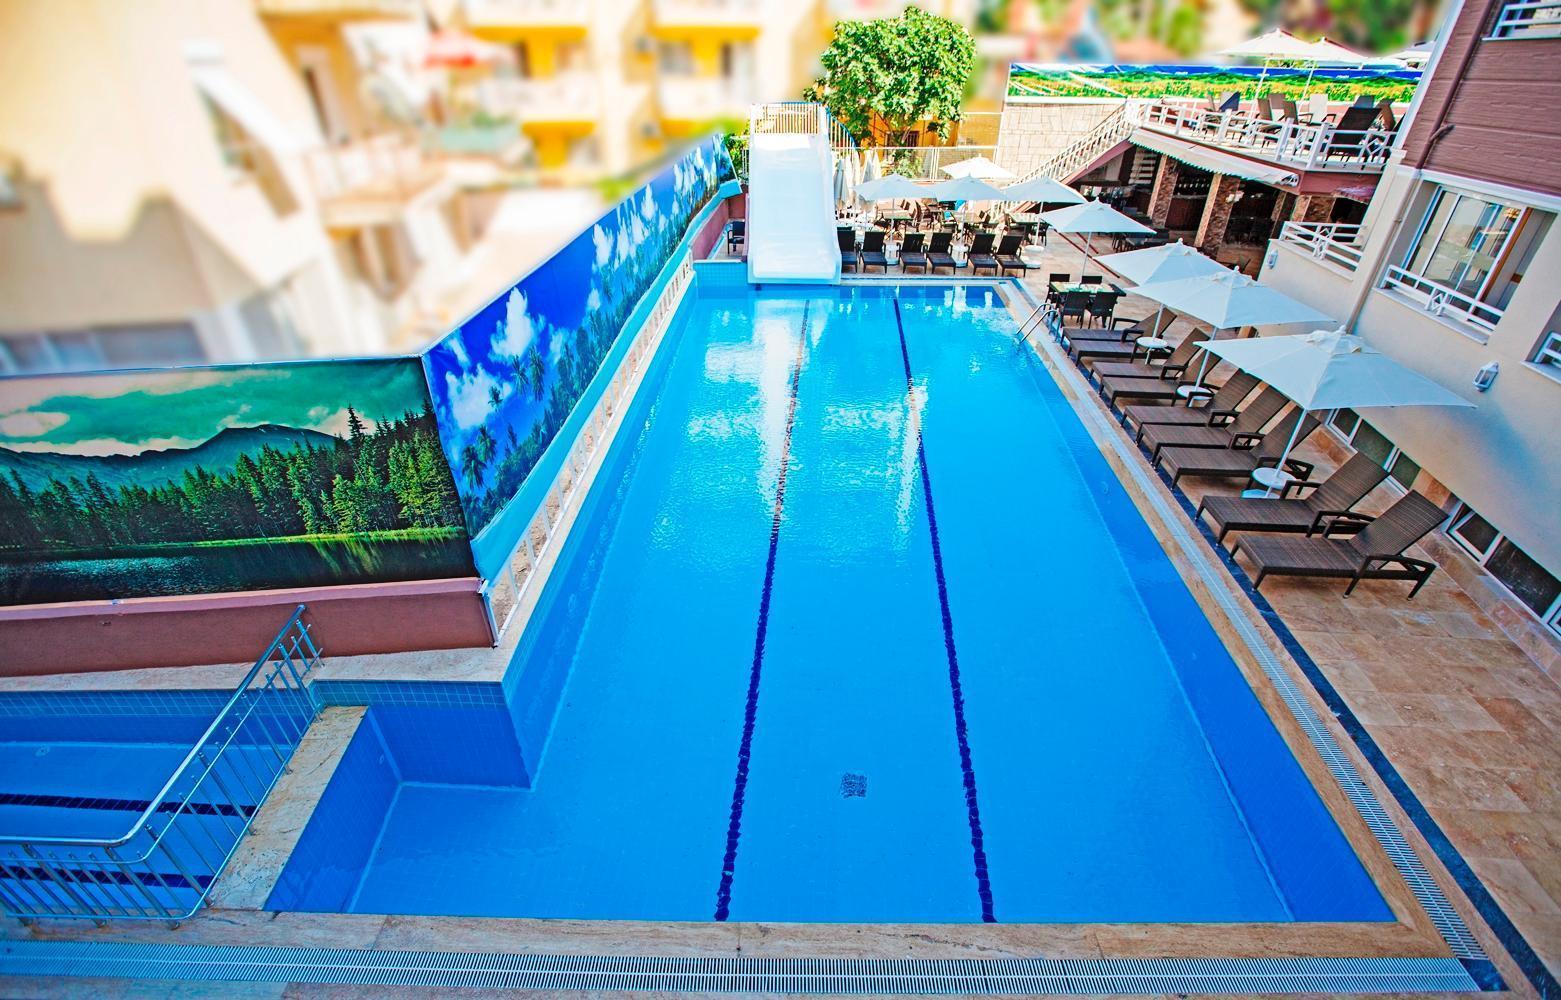 Comet Hotel & Resort